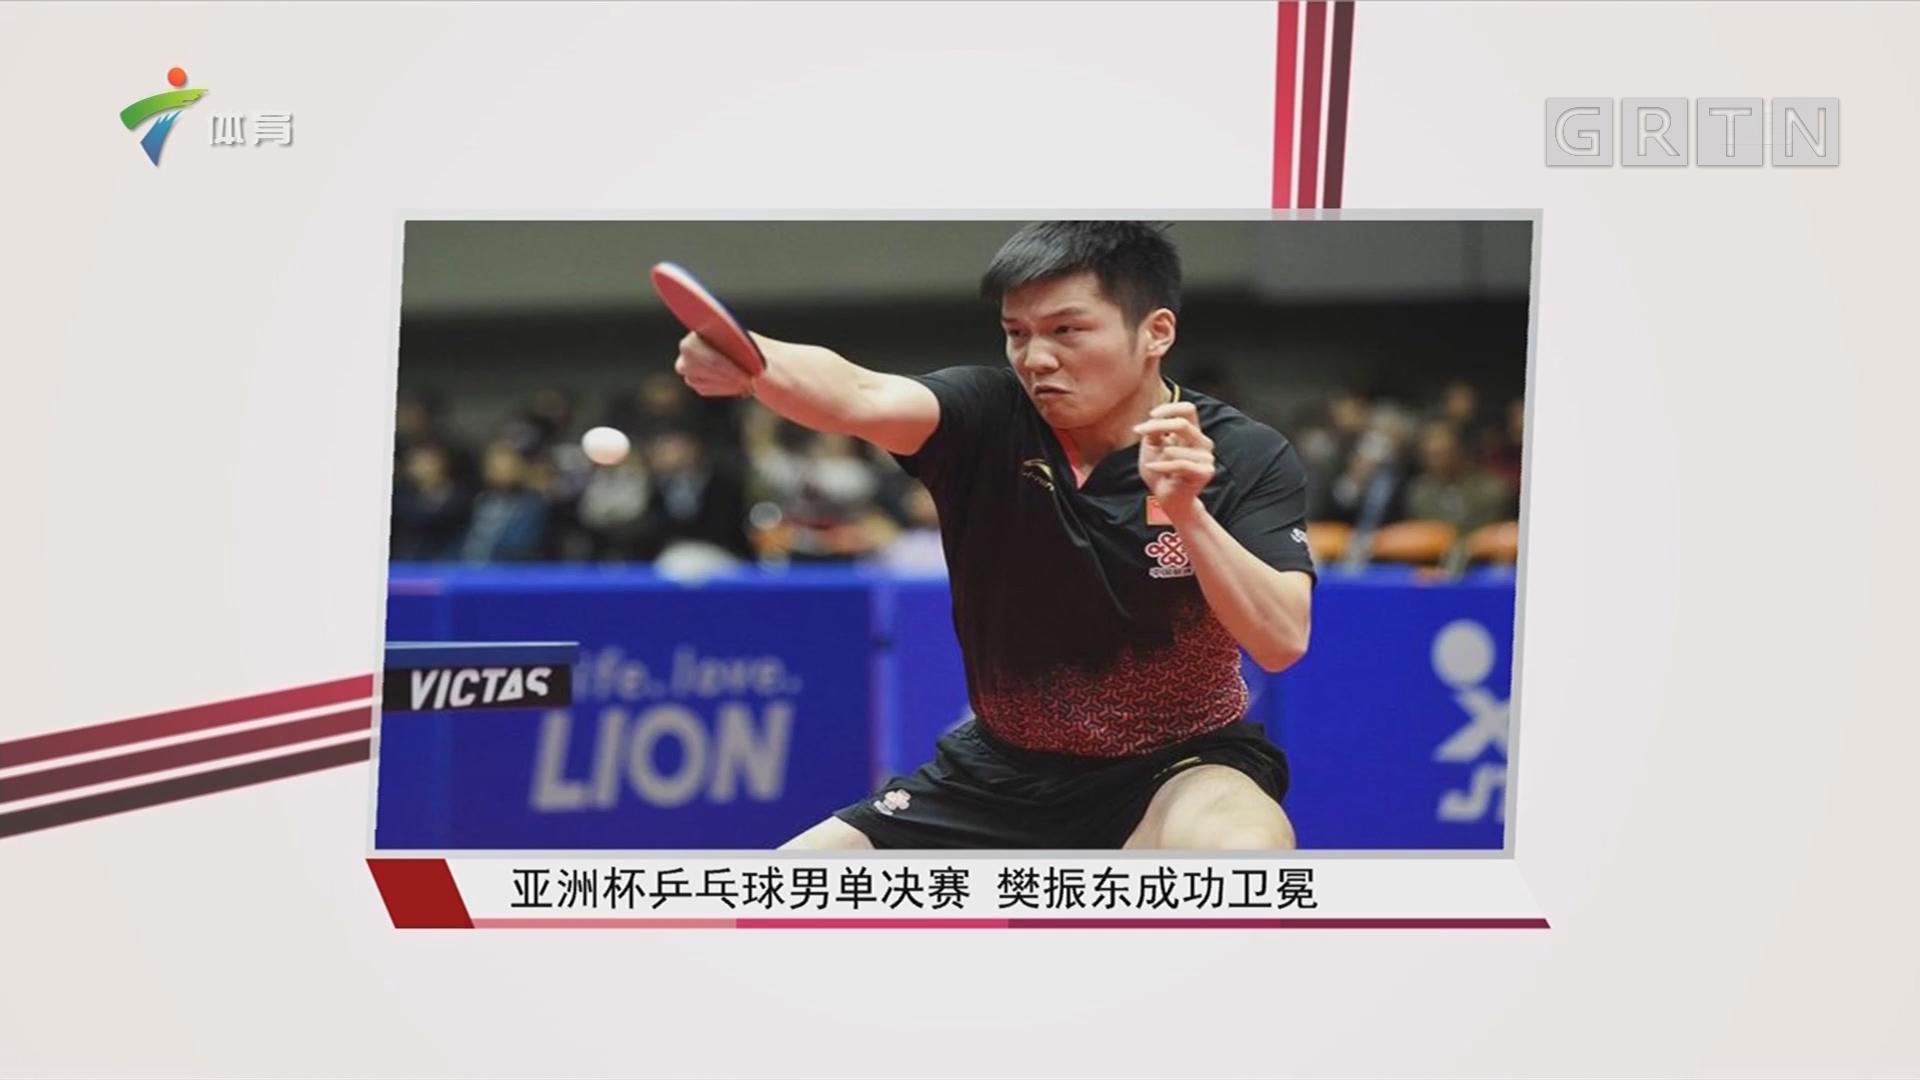 亚洲杯乒乓球男单决赛 樊振东成功卫冕